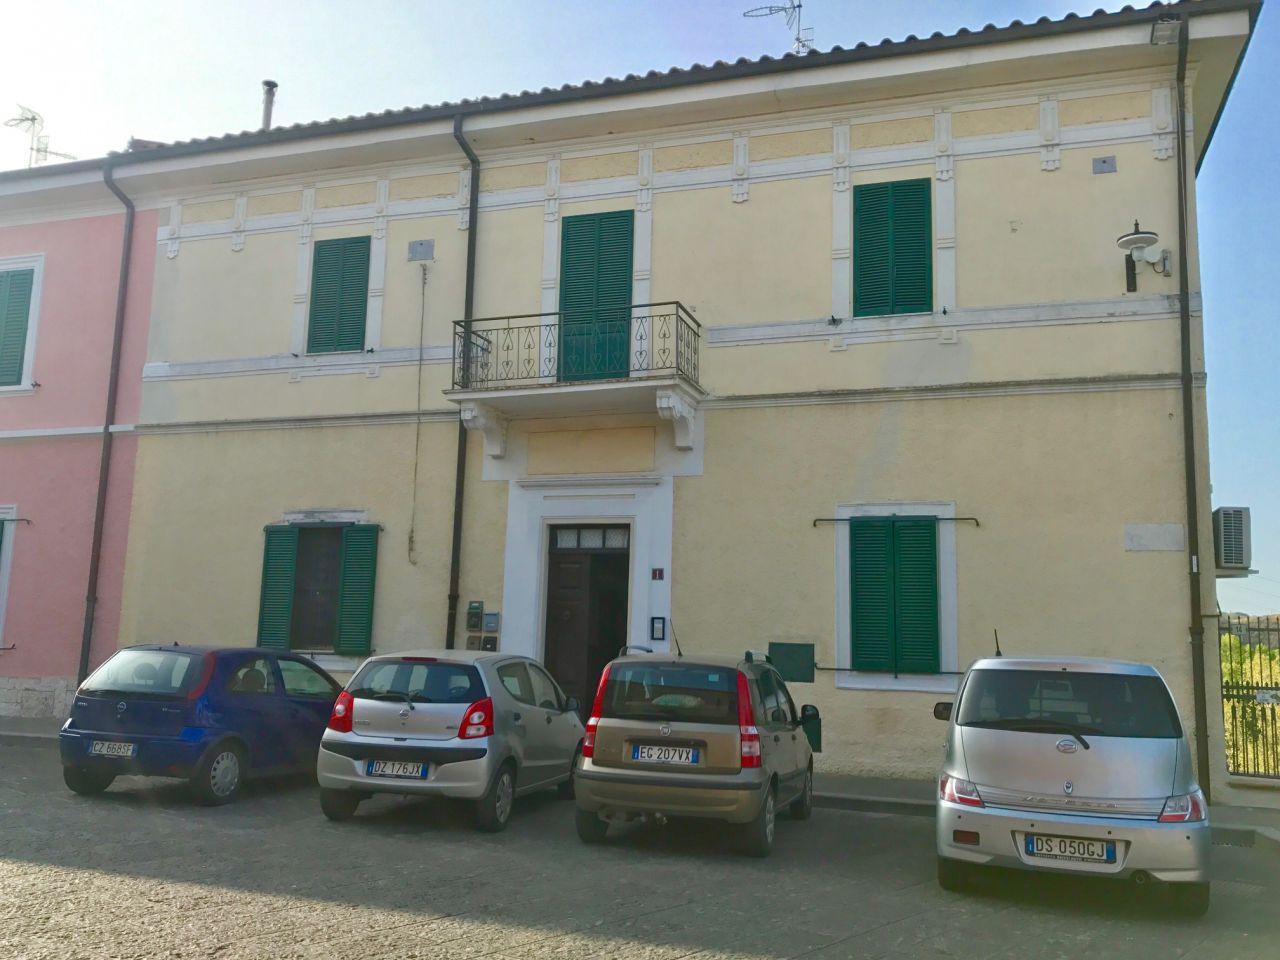 Appartamento in vendita a Grosseto, 2 locali, prezzo € 95.000 | PortaleAgenzieImmobiliari.it